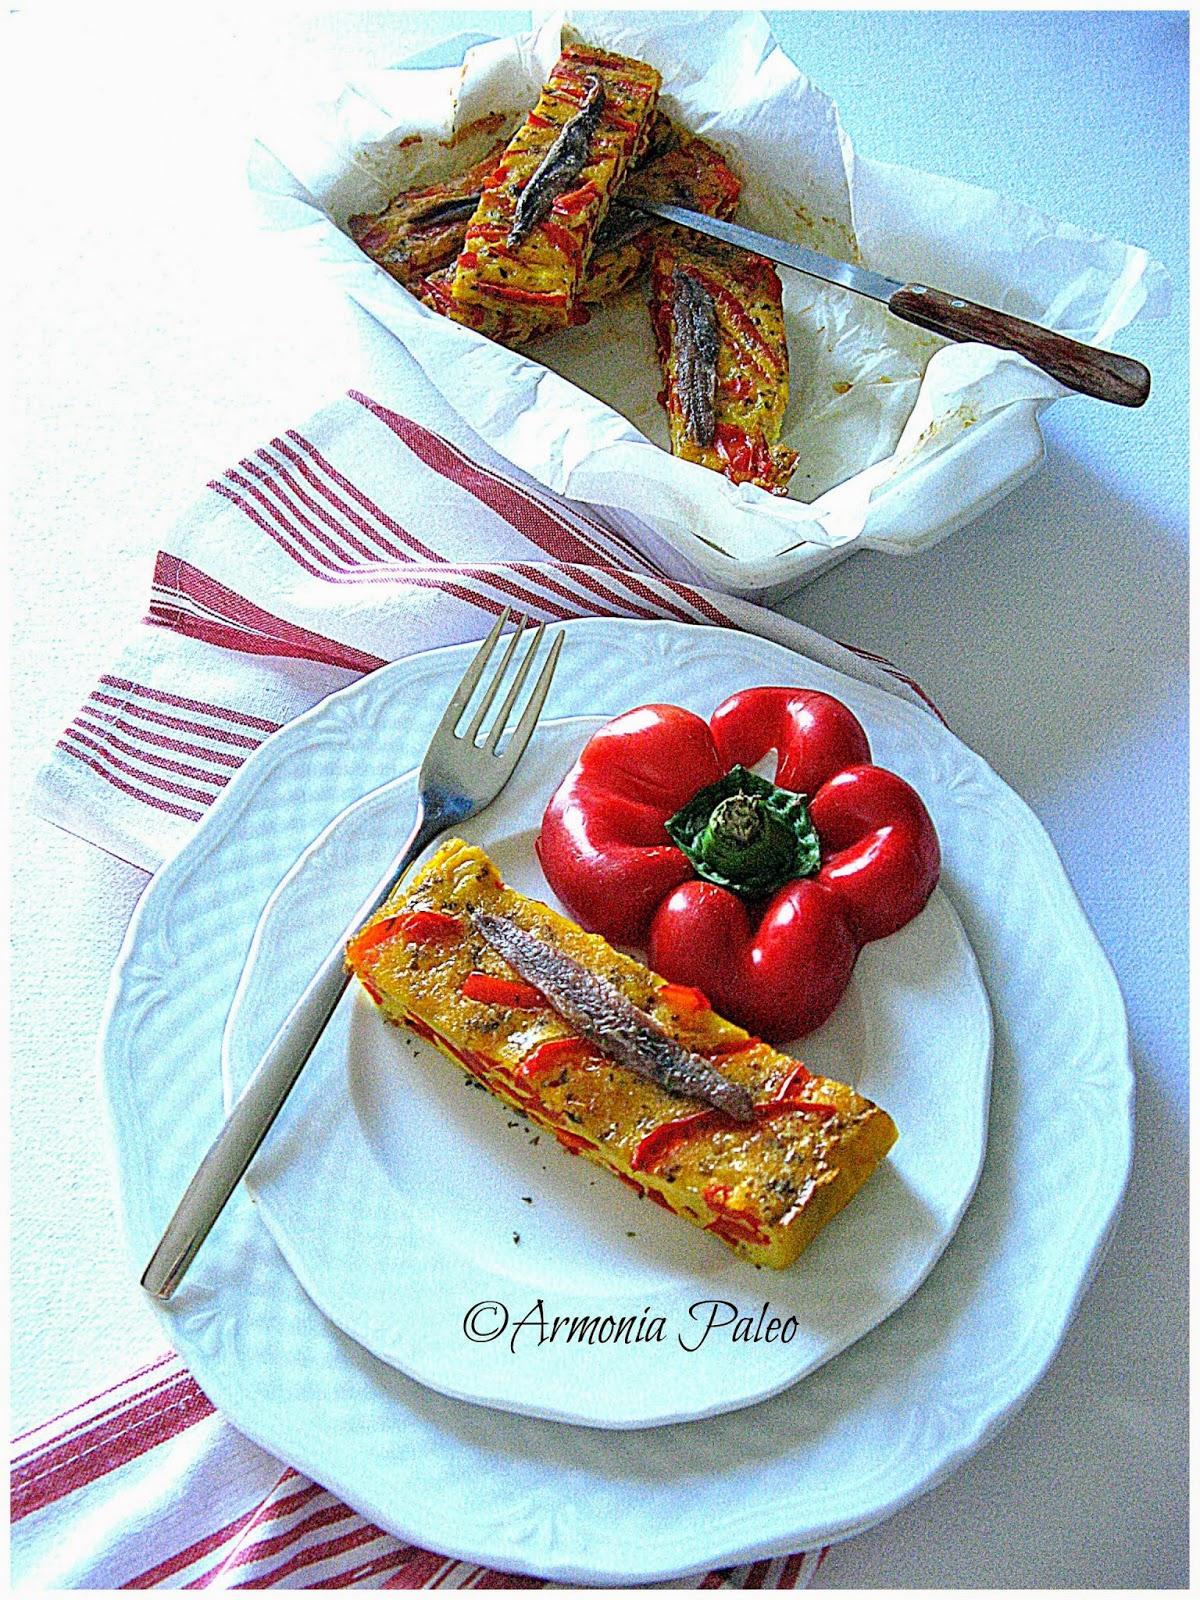 Frittata con Peperoni e Acciughe di Armonia Paleo